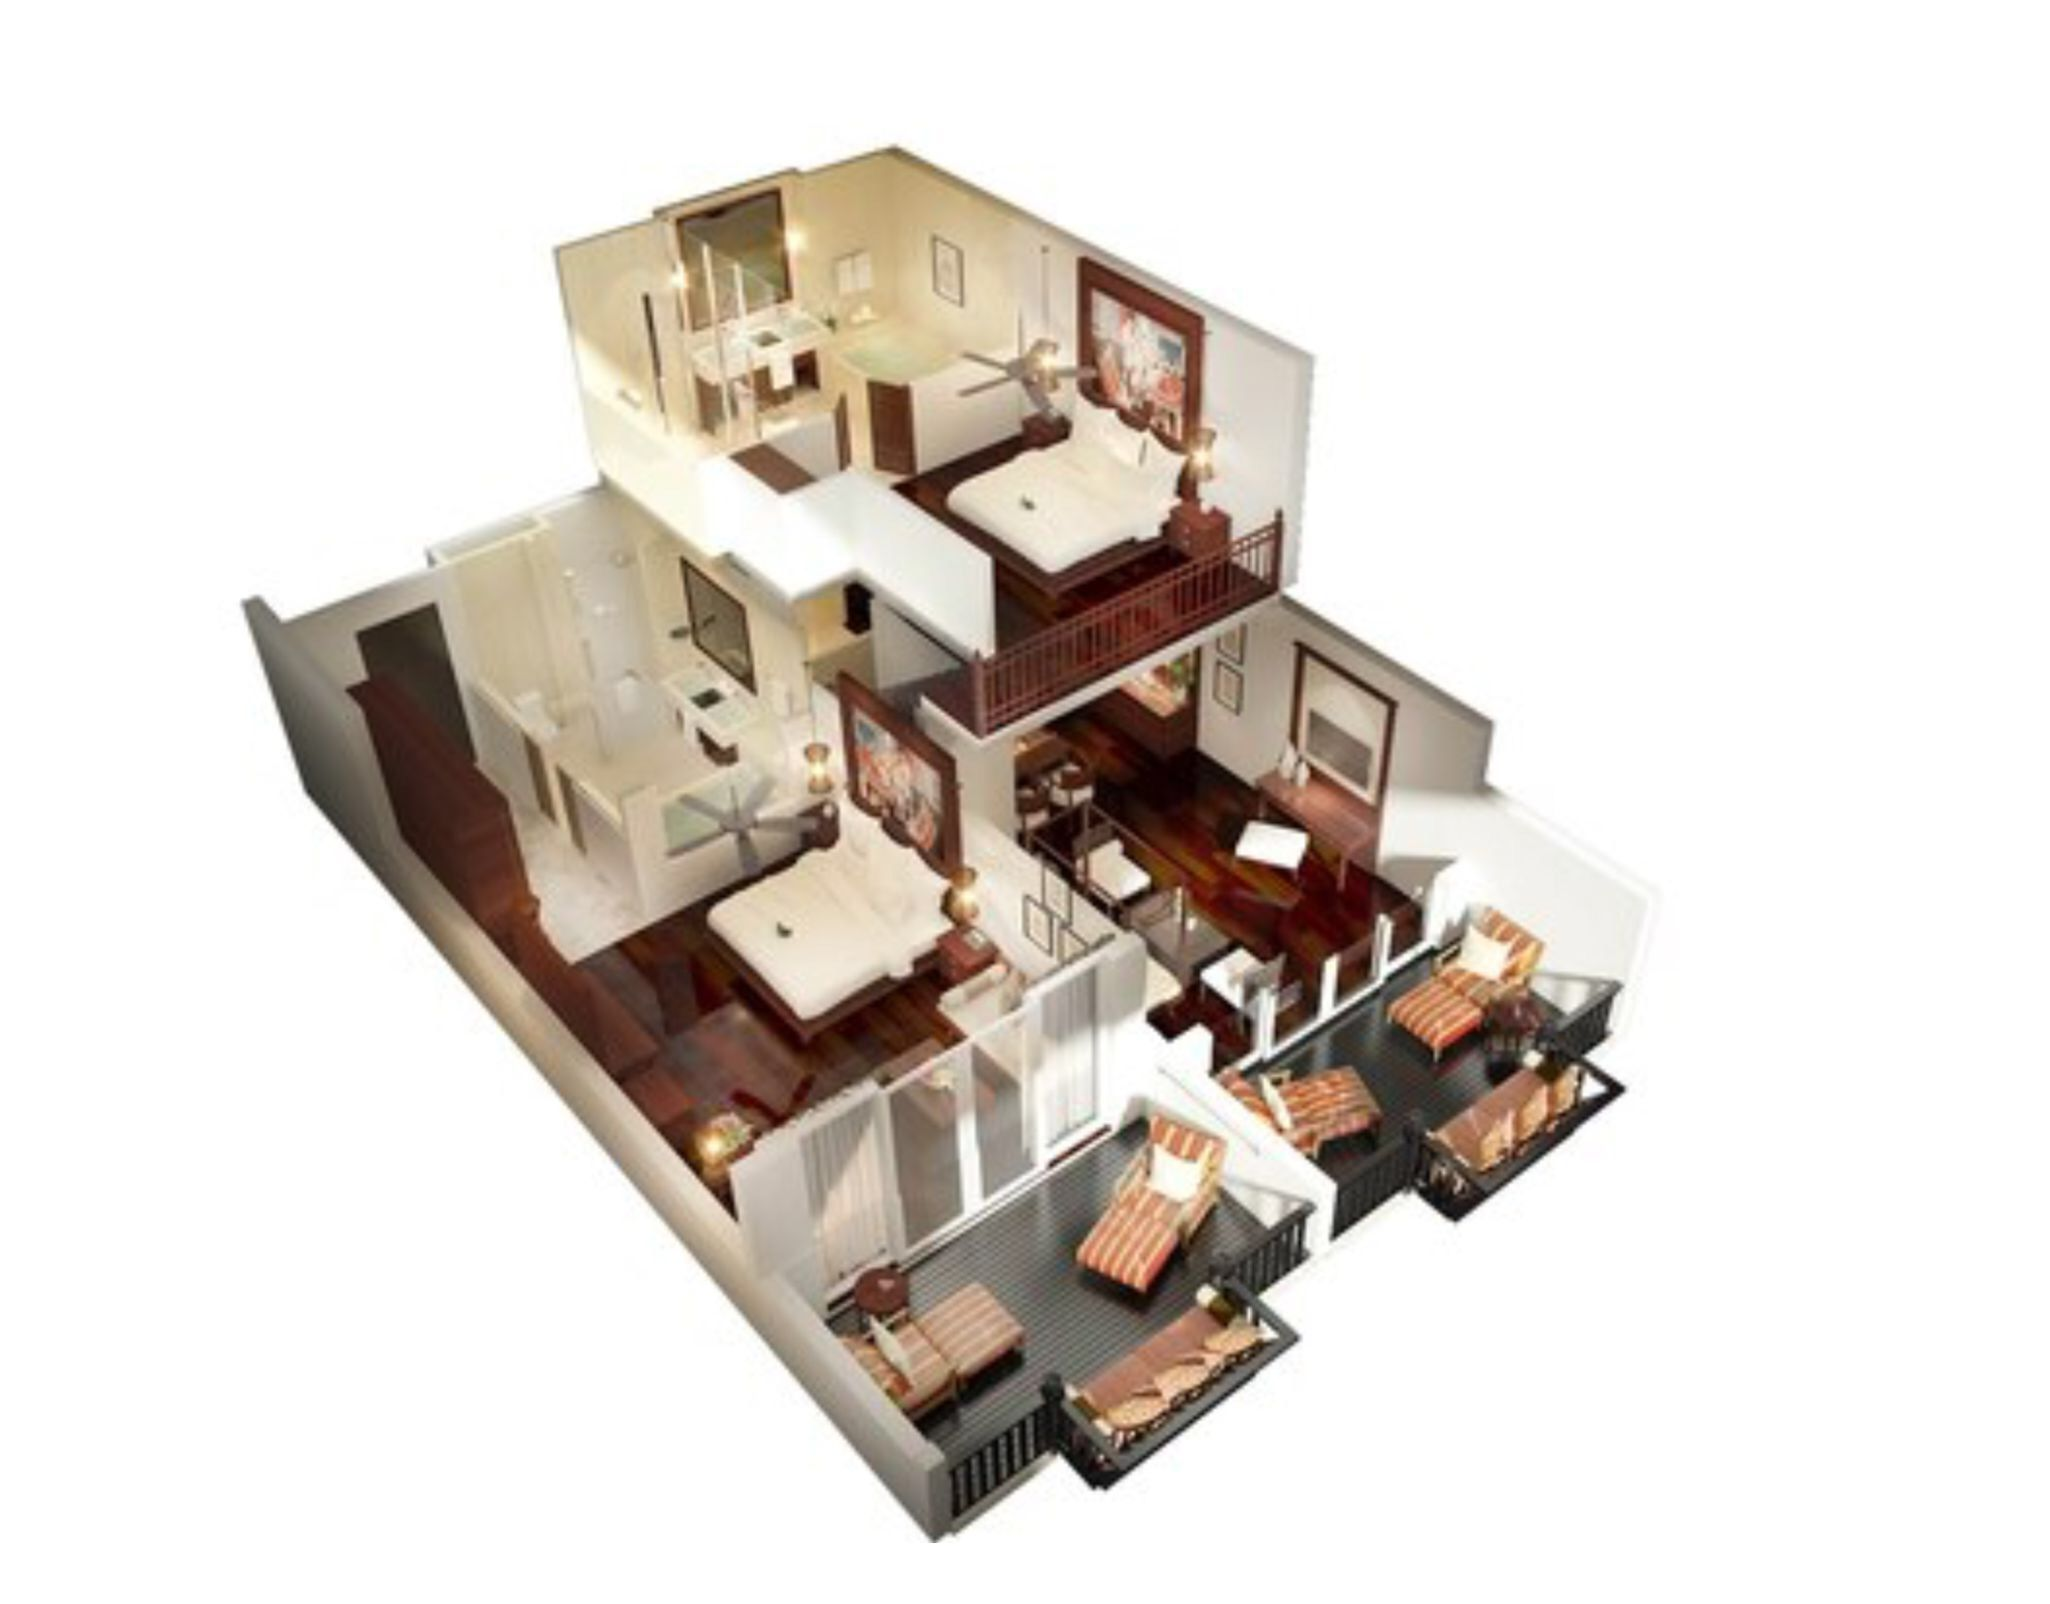 Jw Marriott Khao Lak Resort Spa 2 Bedroom Suite Pool View 130sqm 1399sqft Resort Spa Floor Plan Hotel Hotels Room